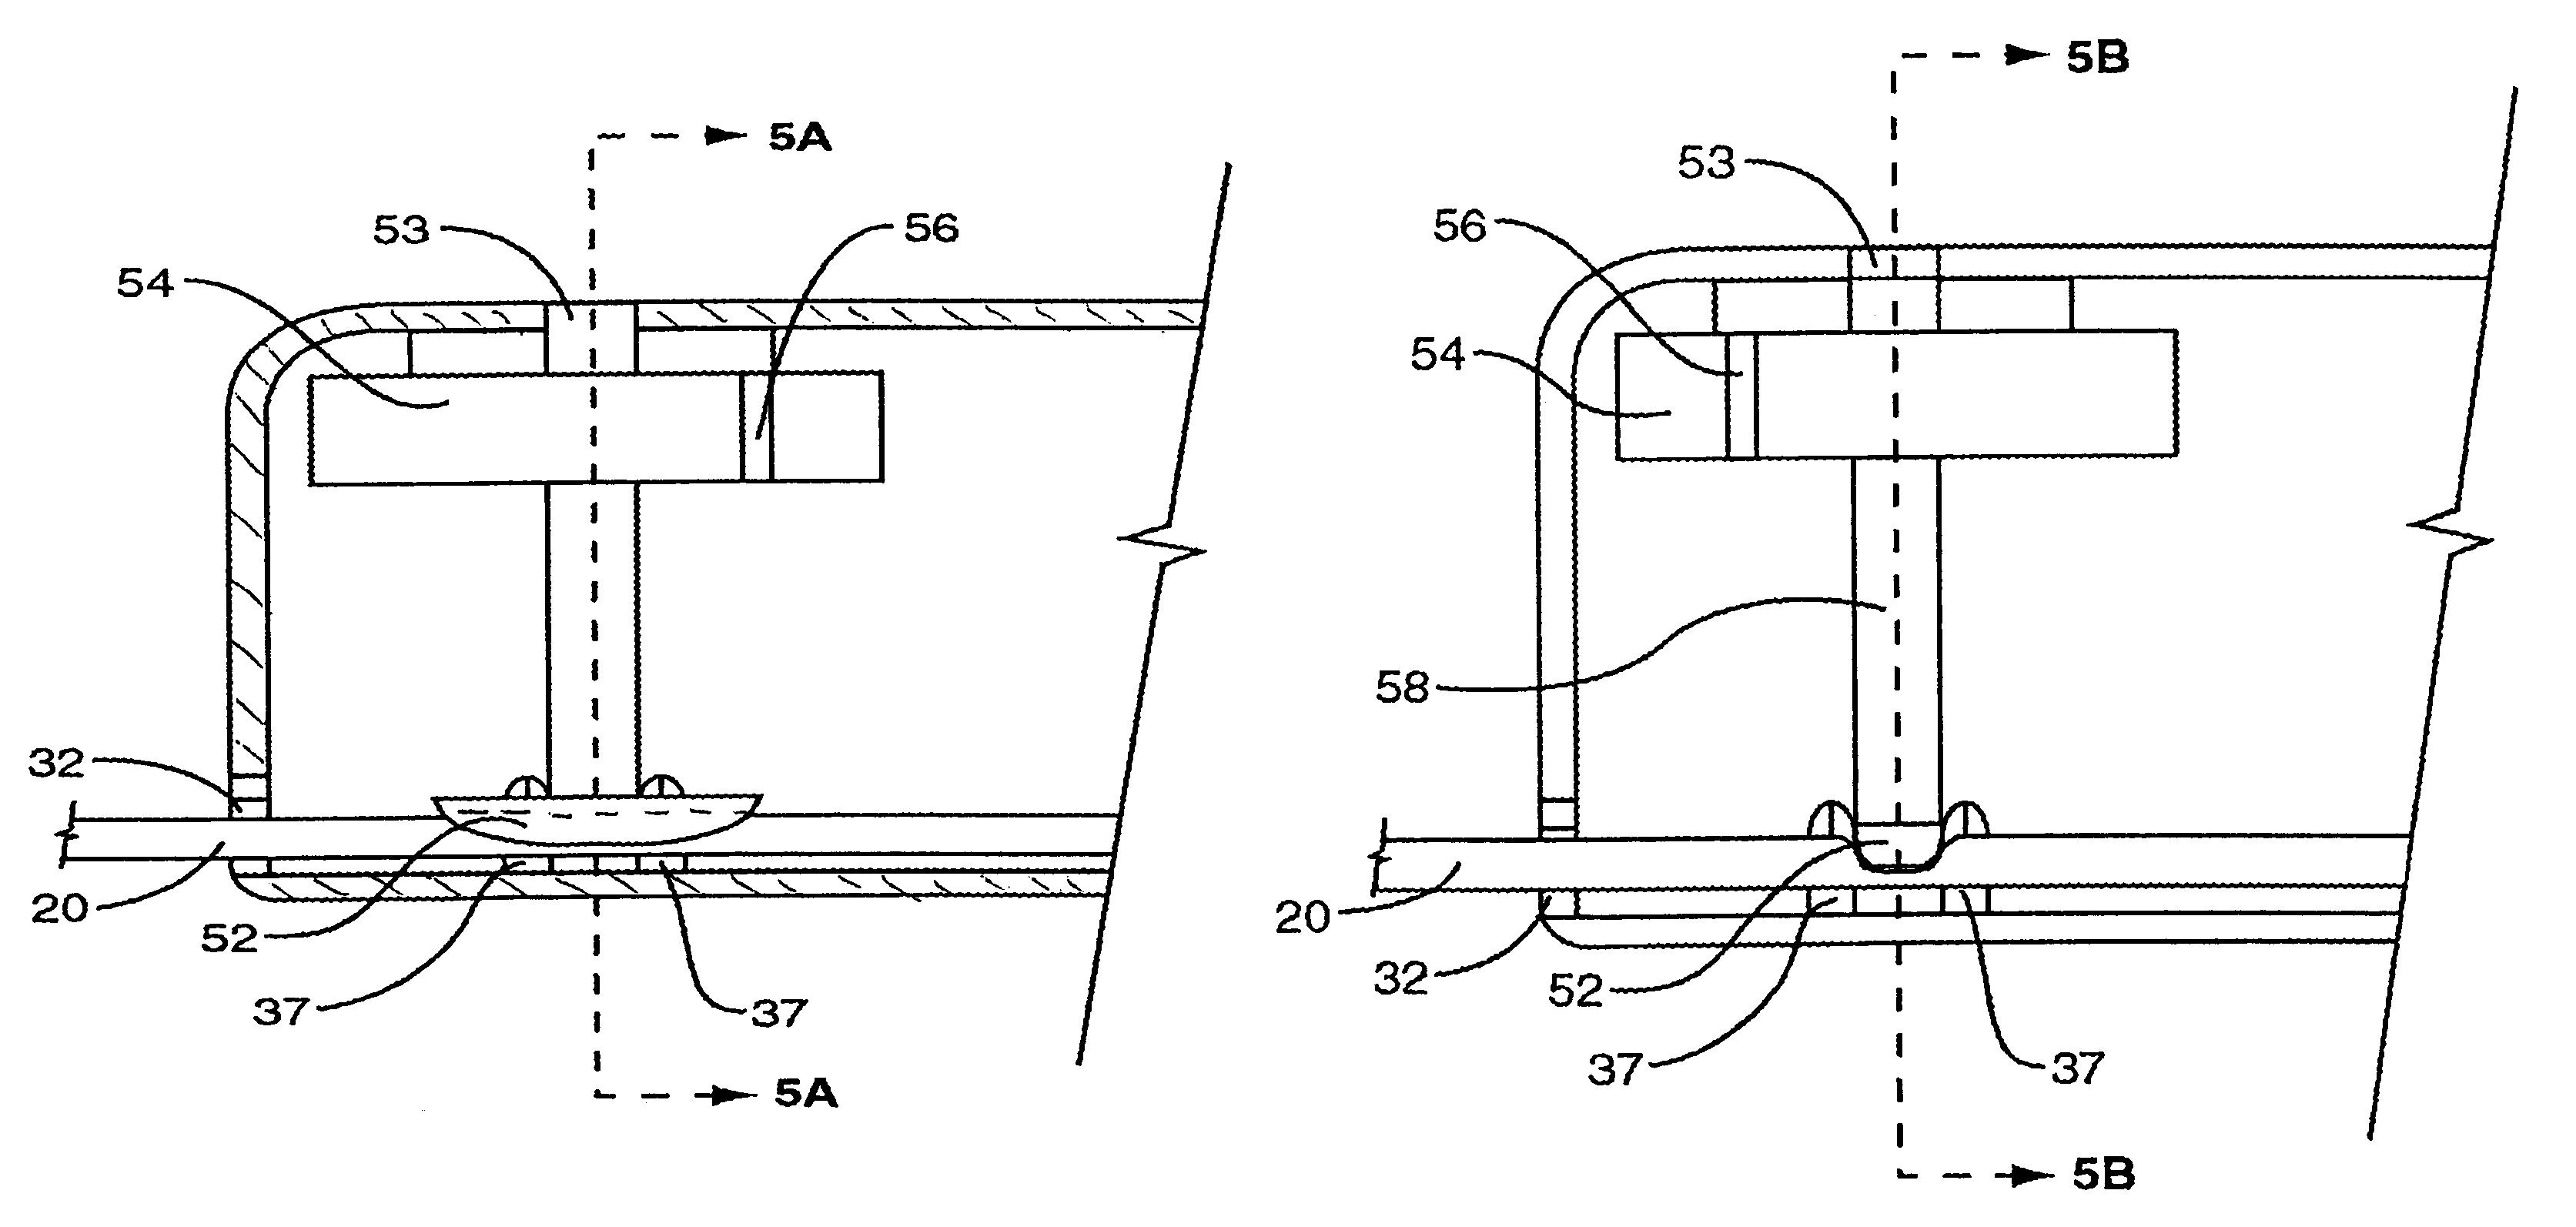 Twist Lock Mechanism For A Tape Measure